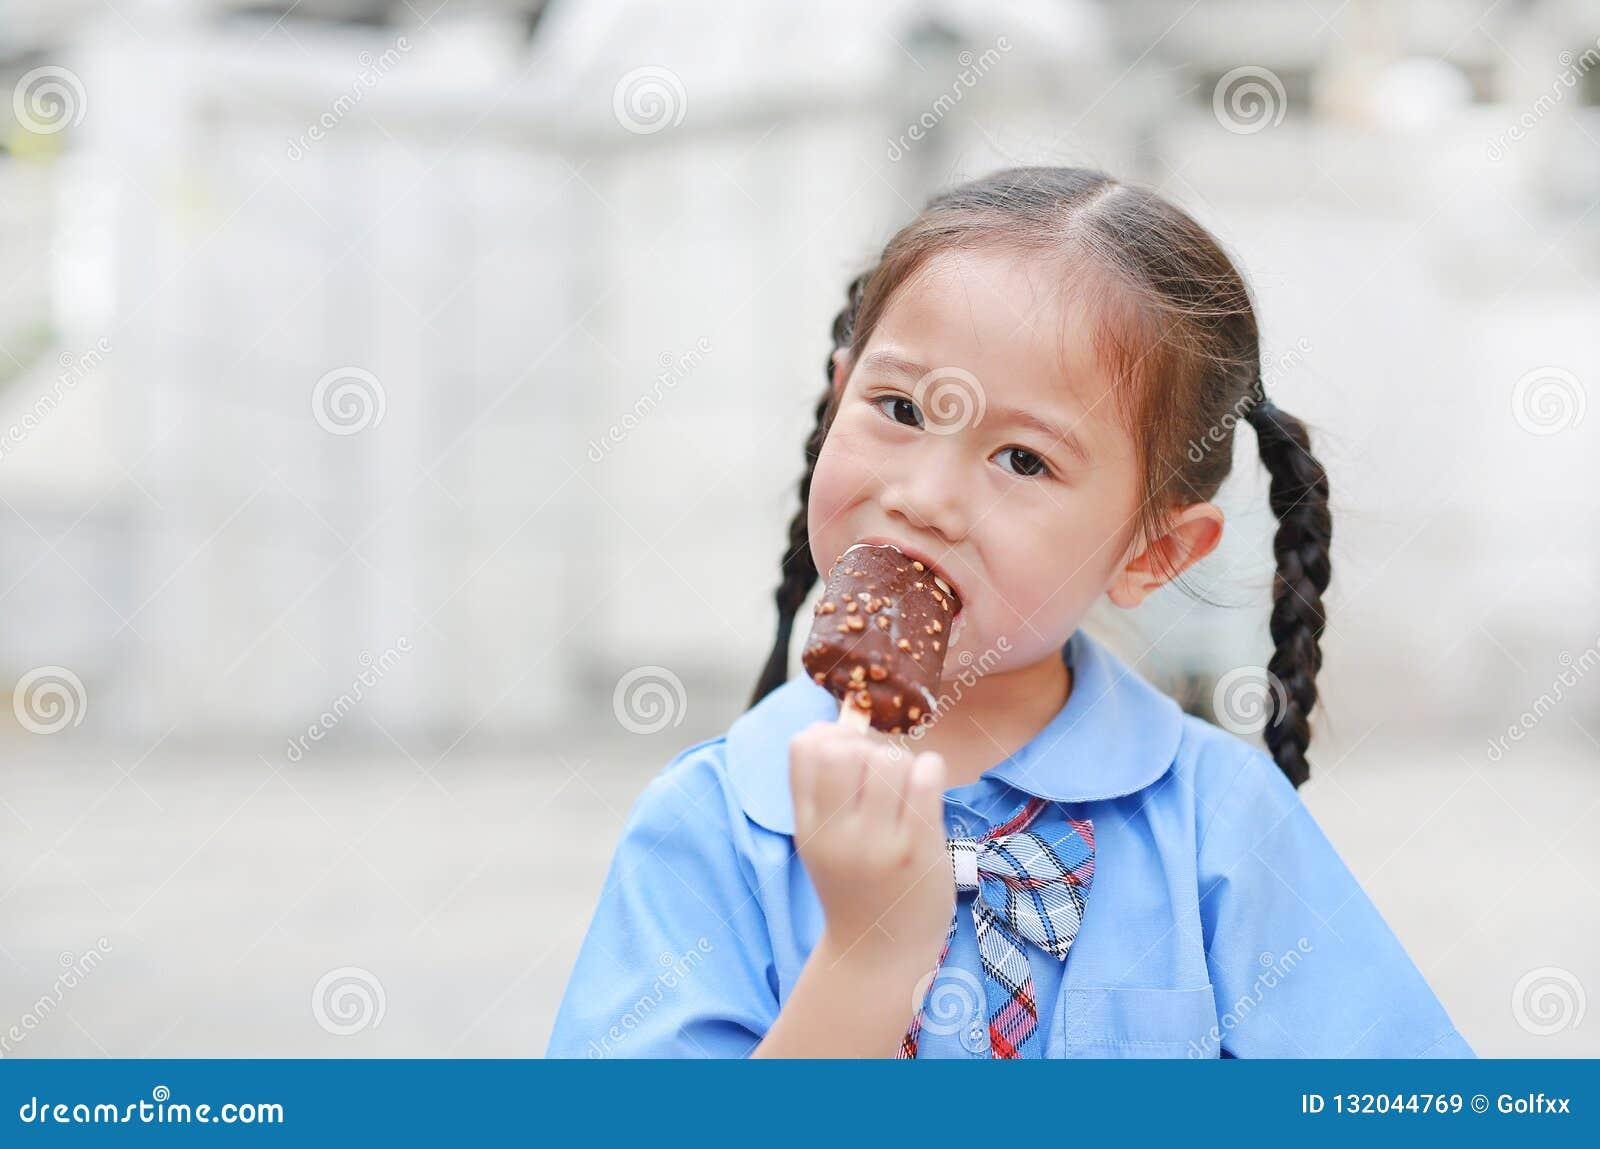 Portret mała Azjatycka dziecko dziewczyna w mundurku szkolnym cieszy się jedzący smakowitego czekoladowego waniliowego lody